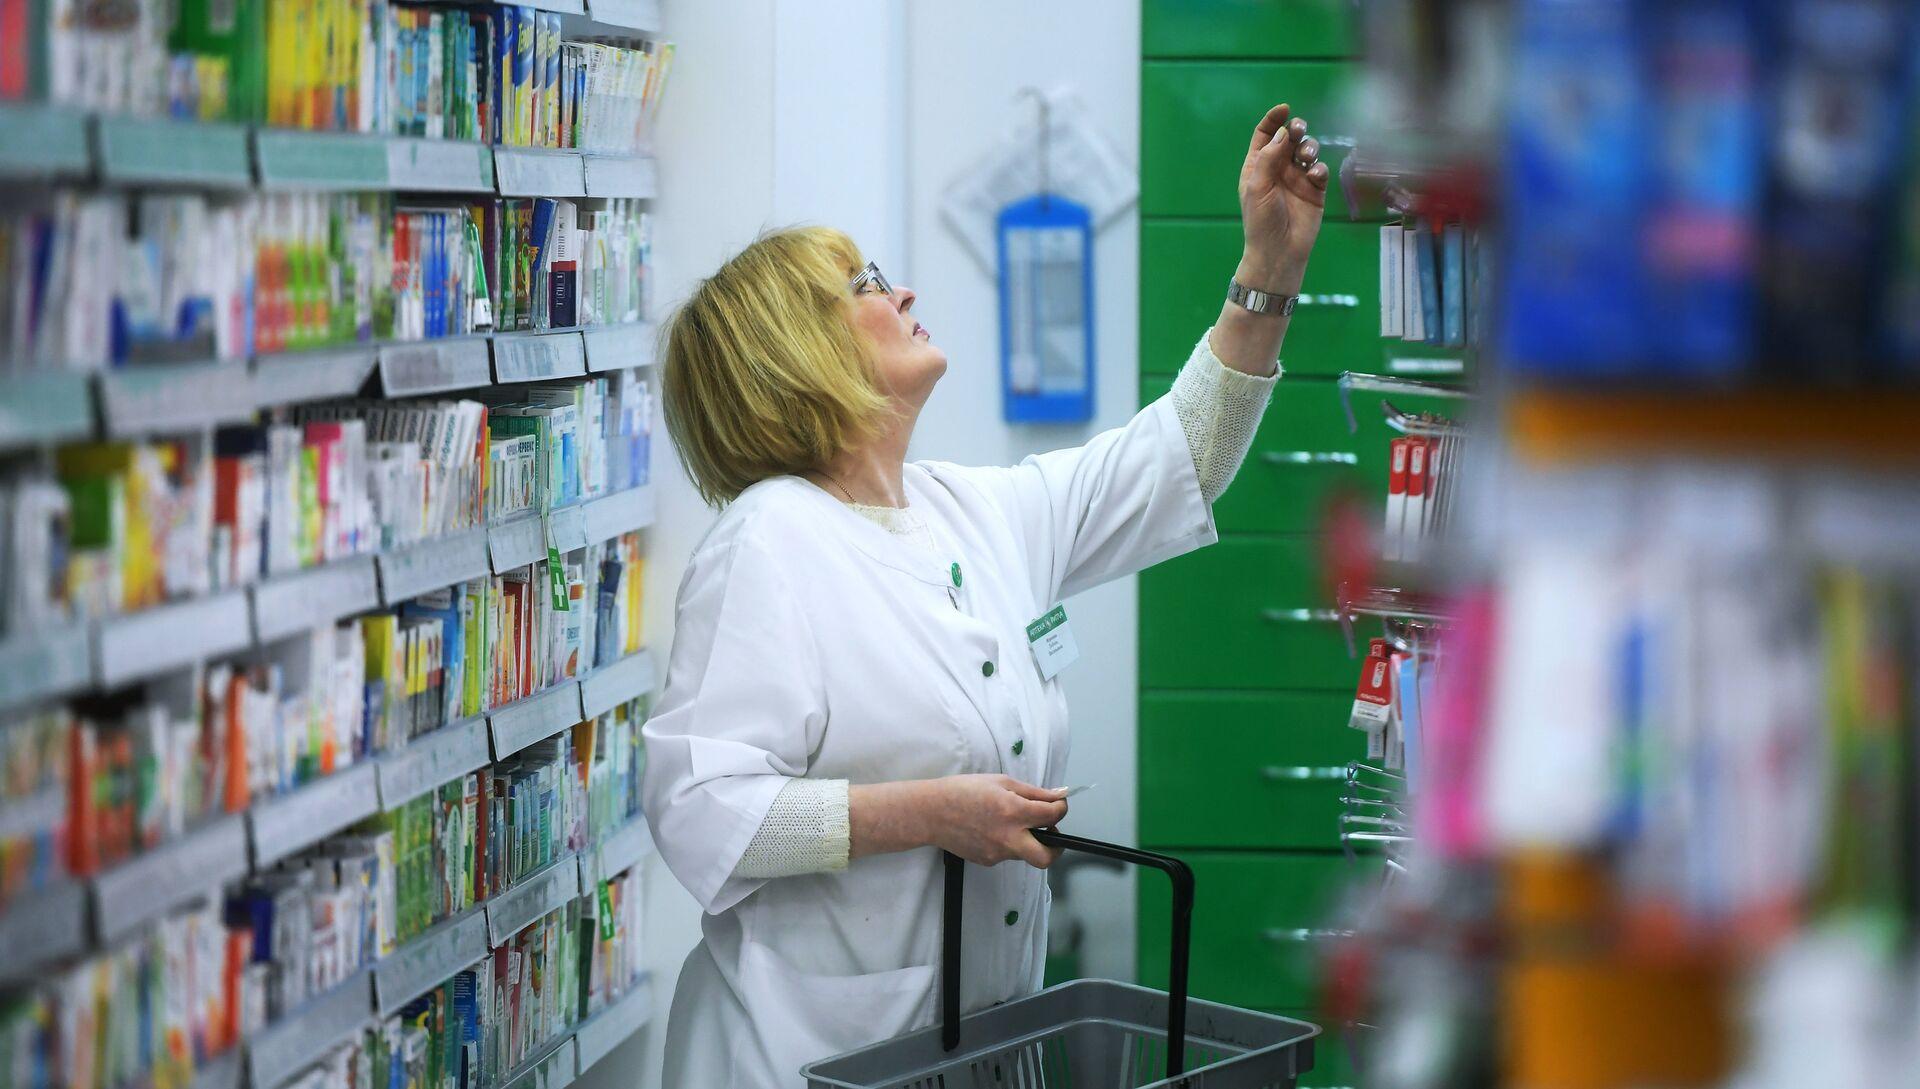 Фармацевт раскладывает лекарственные препараты в одной из аптек. Архивное фото - РИА Новости, 1920, 19.11.2020